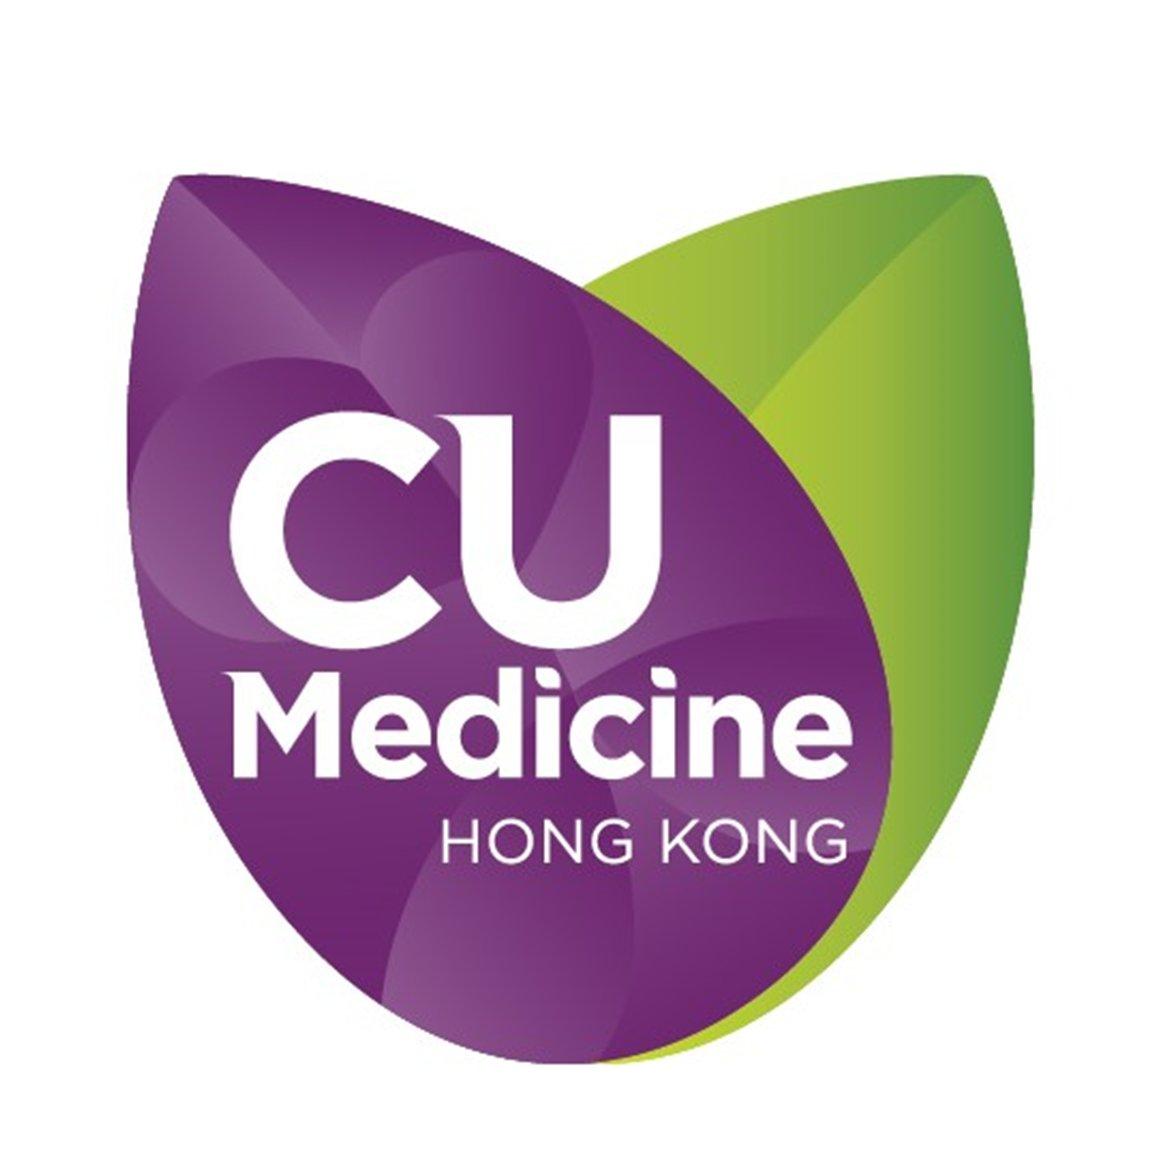 CUHK Medicine (@CUHKMedicine) | Twitter